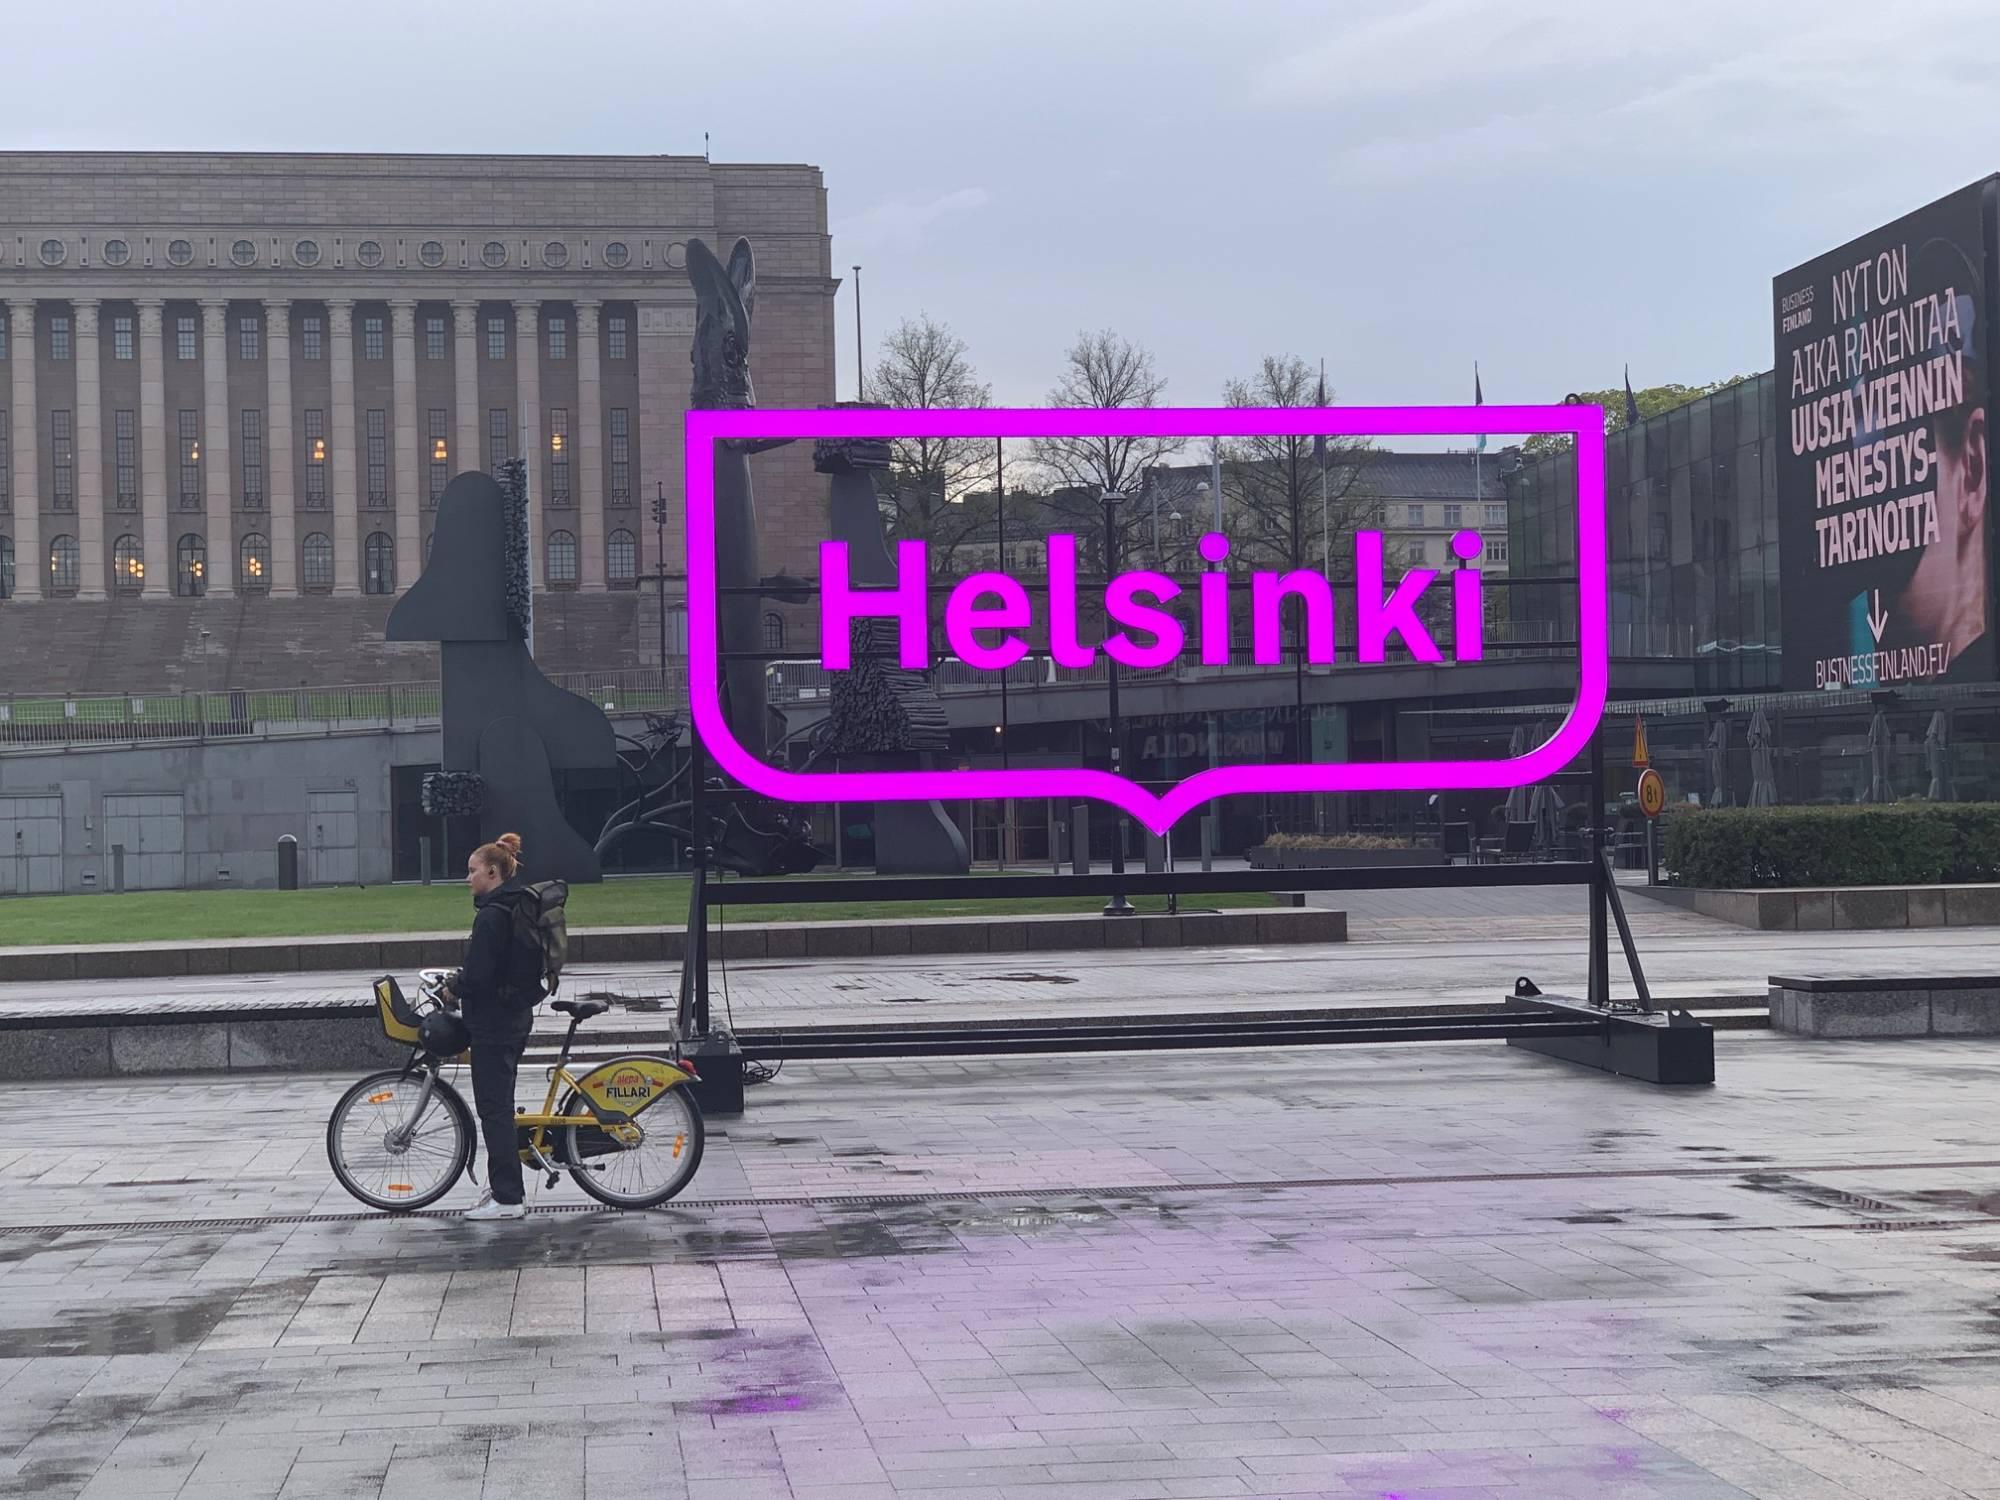 Neon sign spelling out Helsinki, in downtown Helsinki